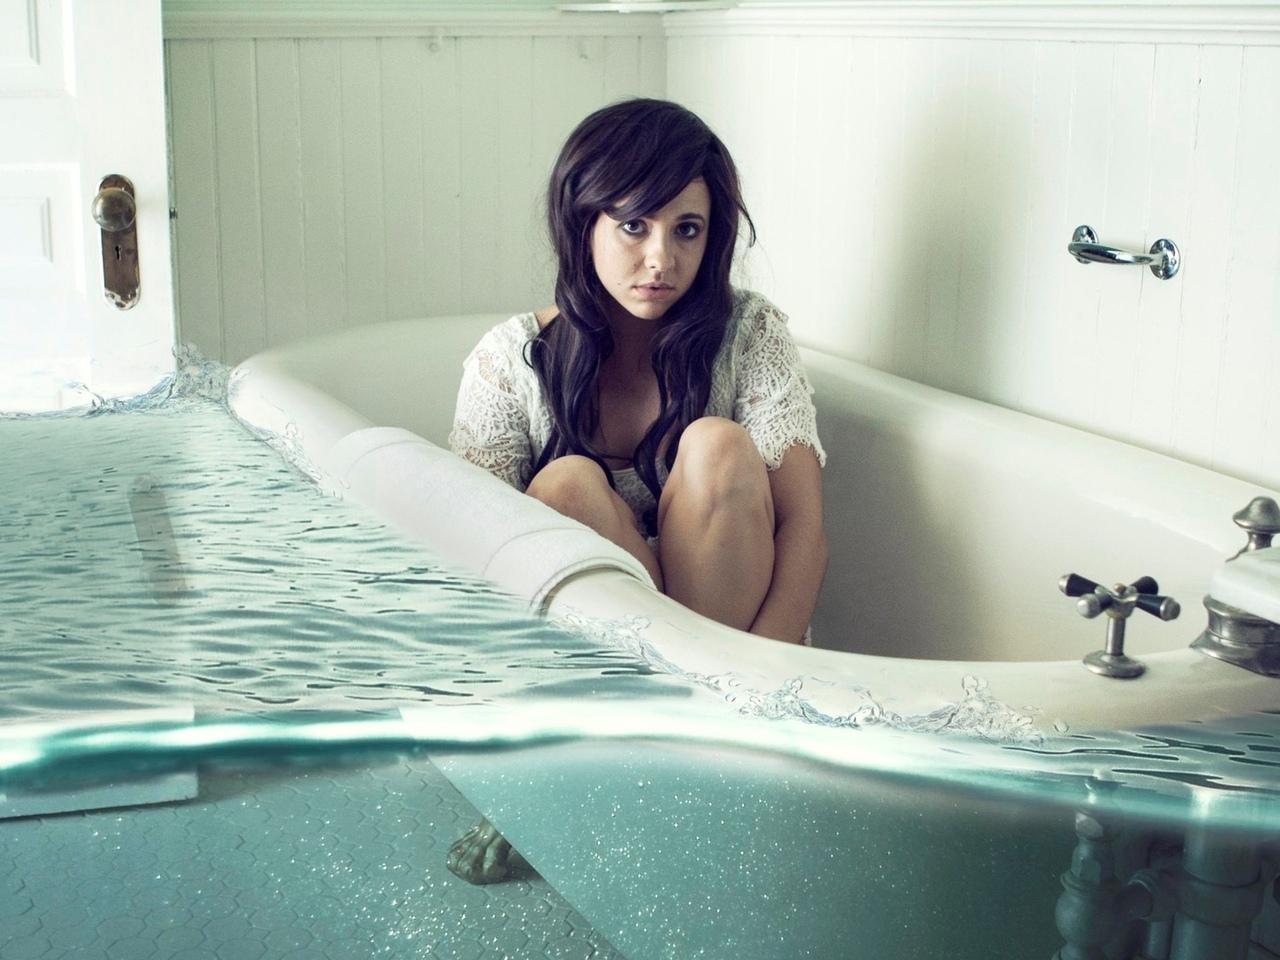 девушка, ванна, креатив, вода, поза